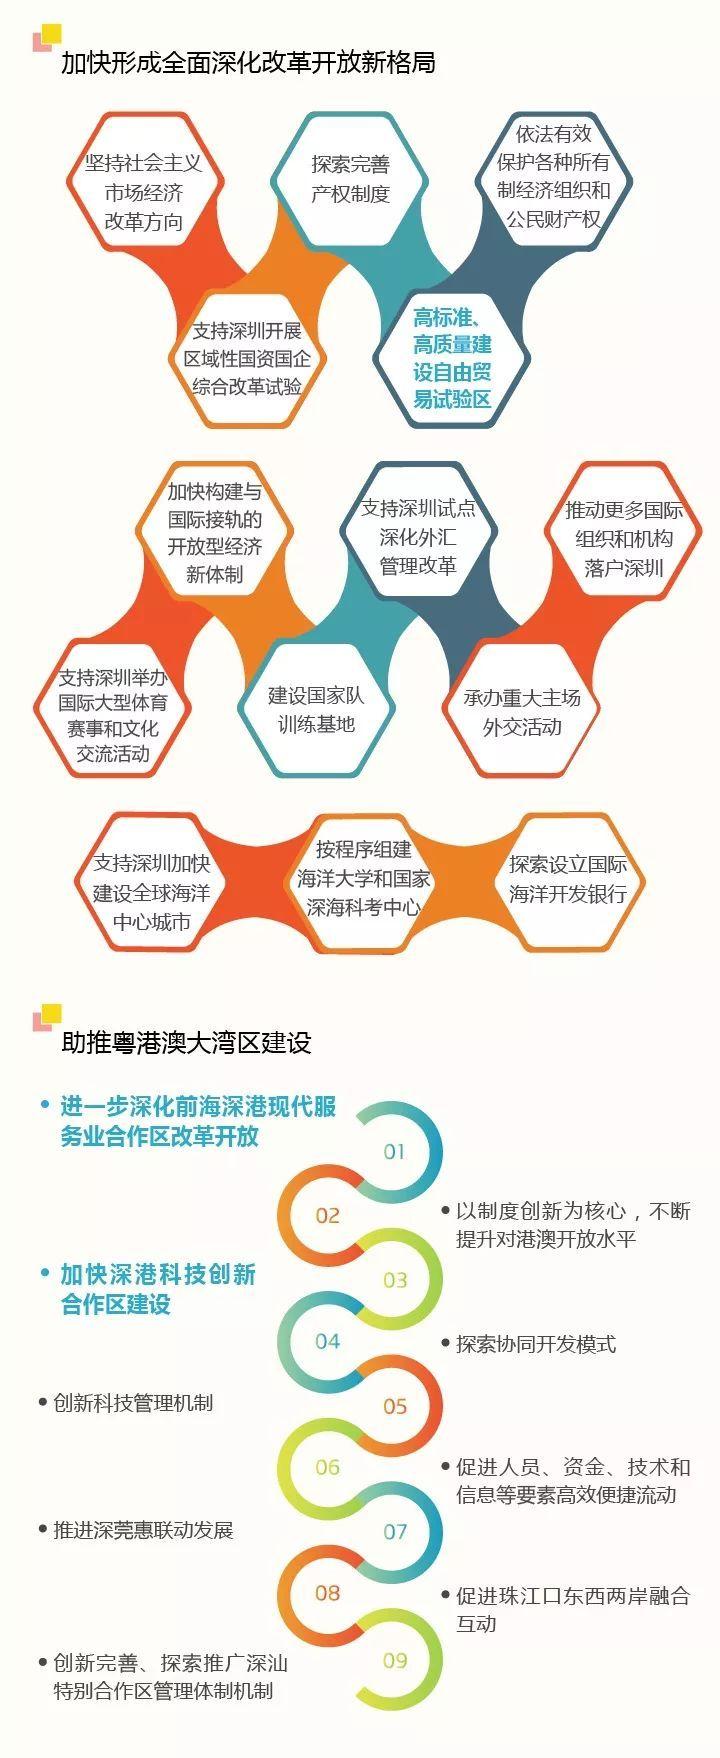 深圳喜提热搜头条,一图读懂深圳建设中国特色社会主义先行示范区